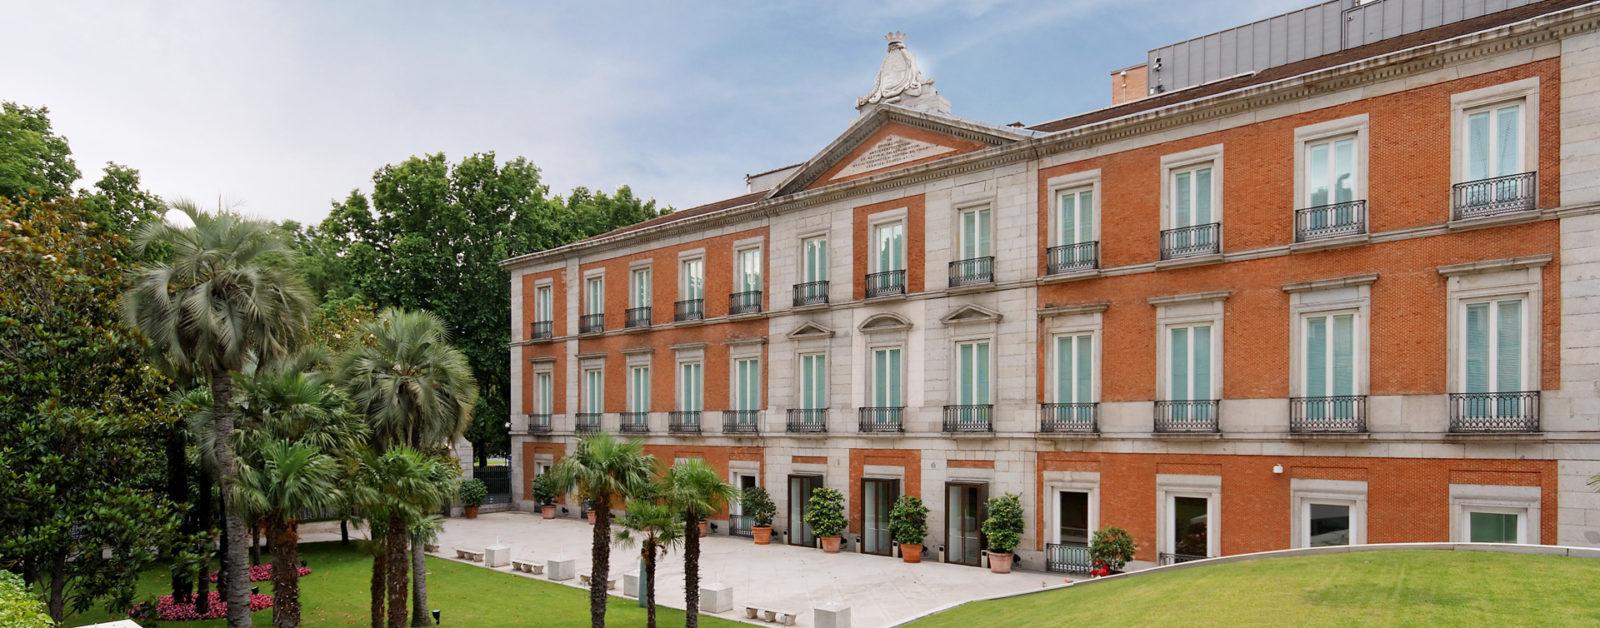 Моне/ Буден (Национальный музей Тиссена-Борнемиcы, Мадрид)